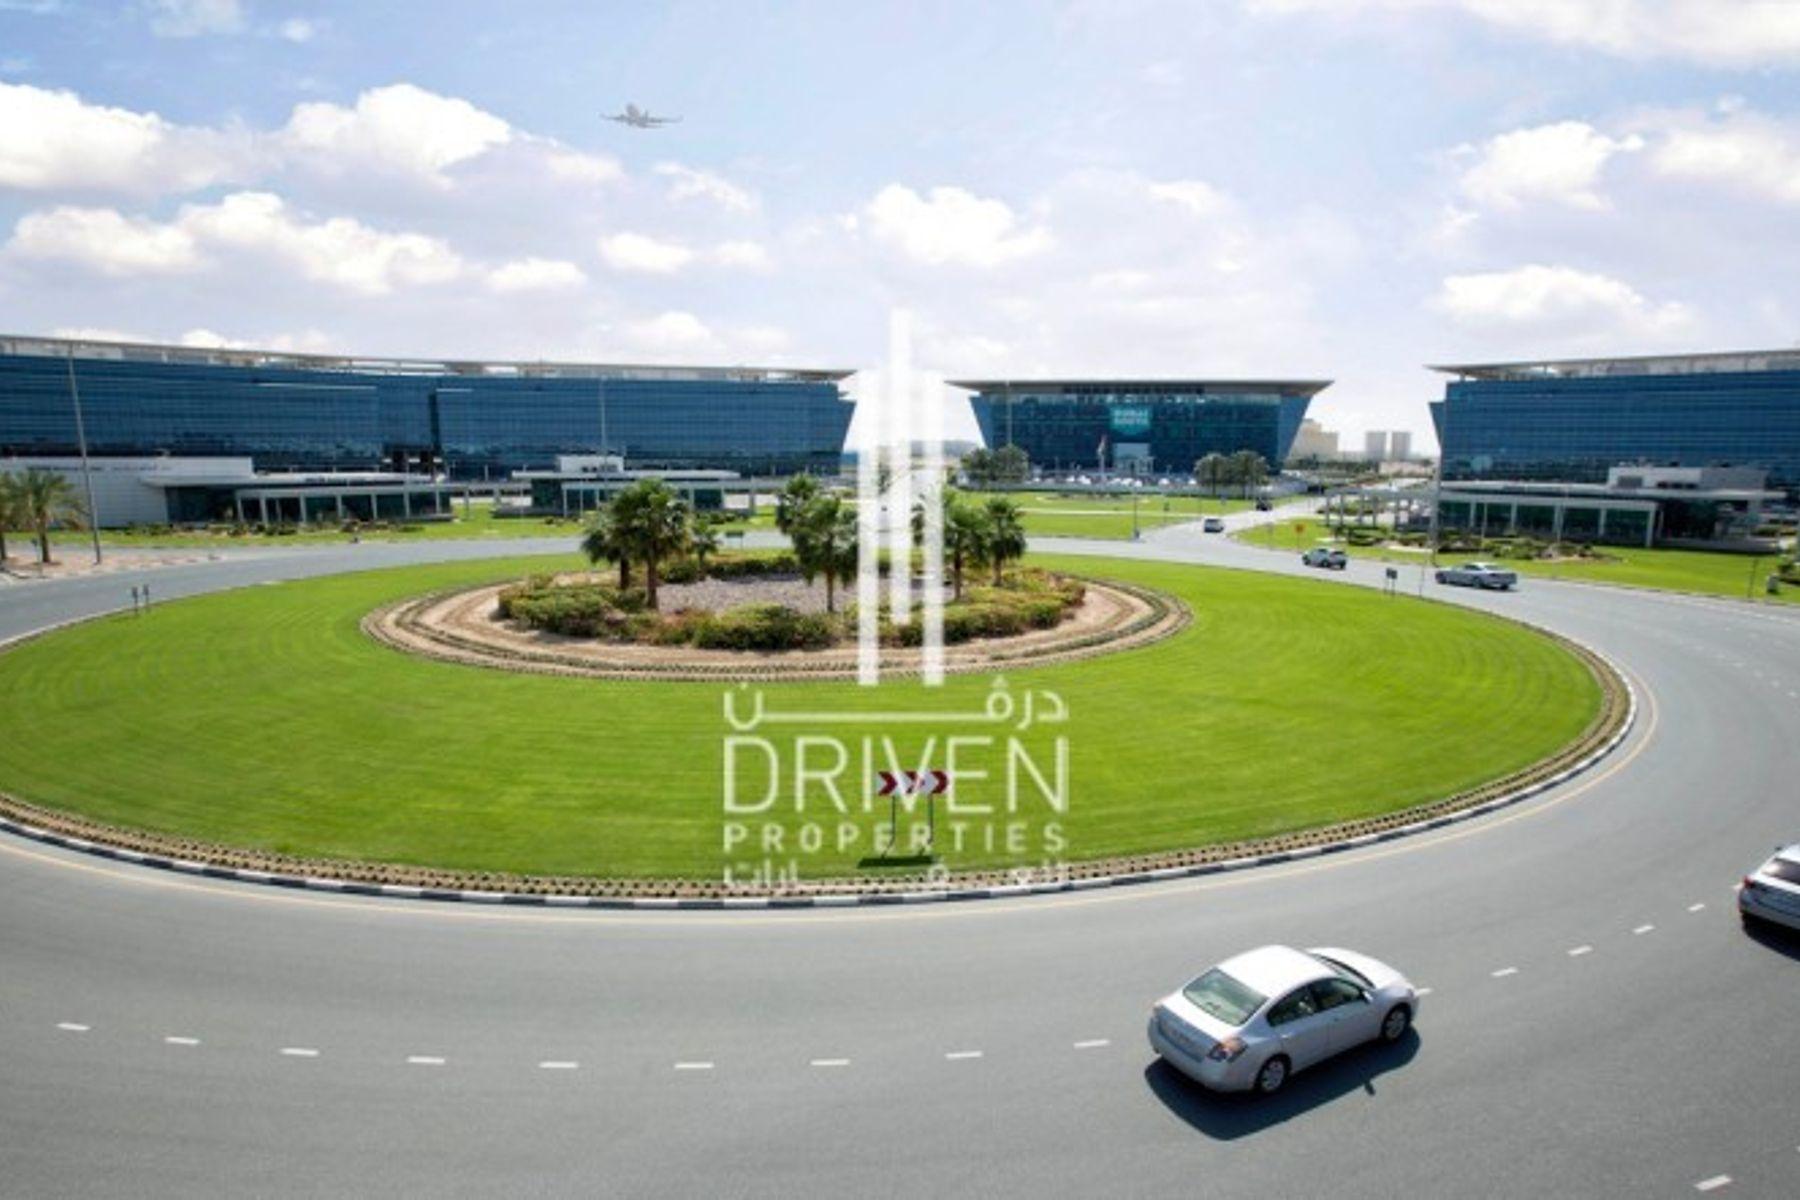 للايجار - تجزئة - المنطقة التجارية - دبي الجنوب (مركز دبي العالمي)